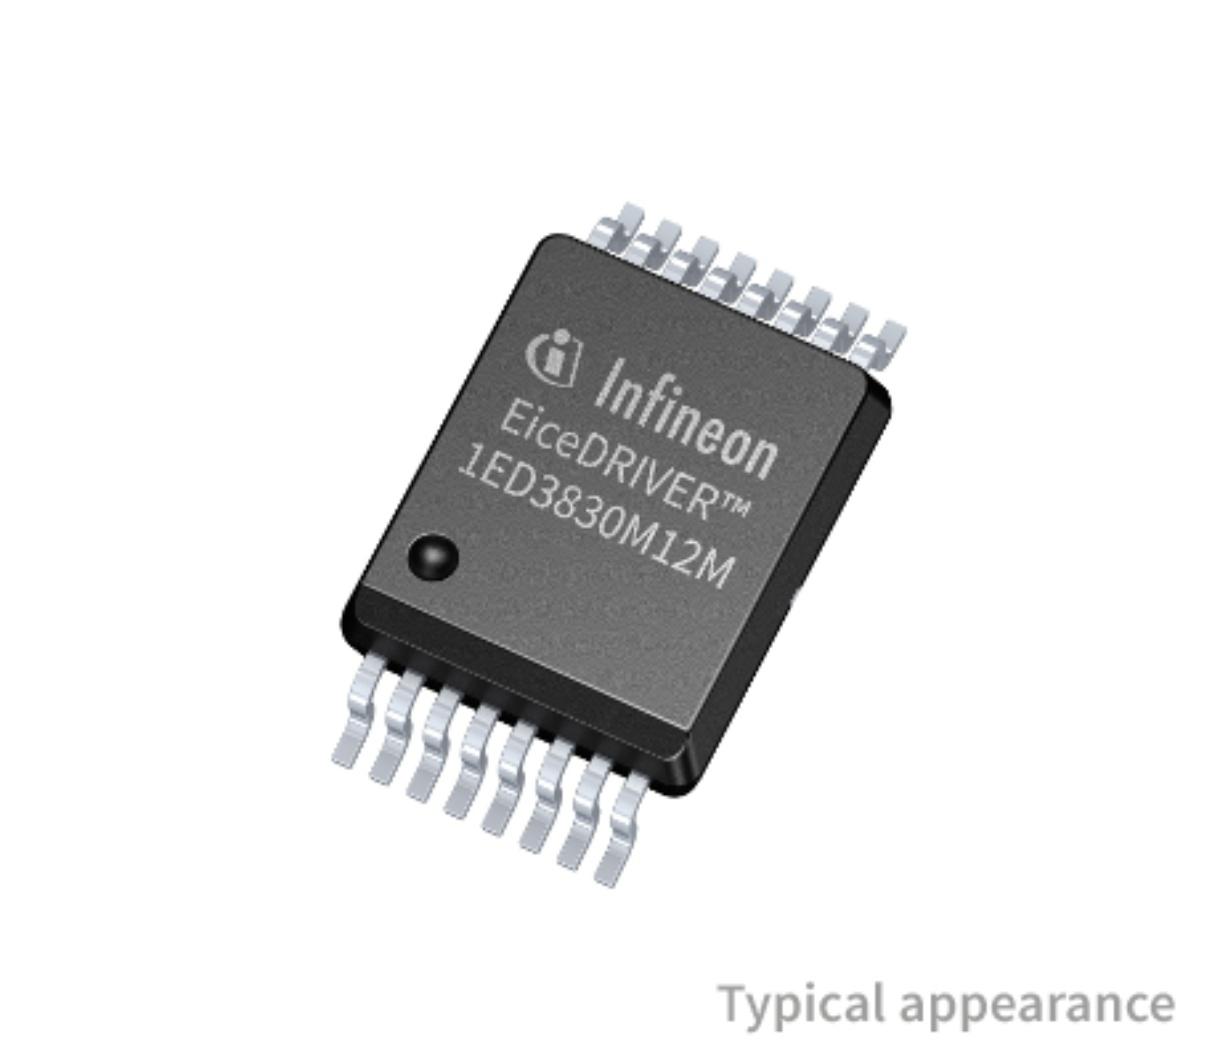 1ED3830MU12MXUMA1 Infineon